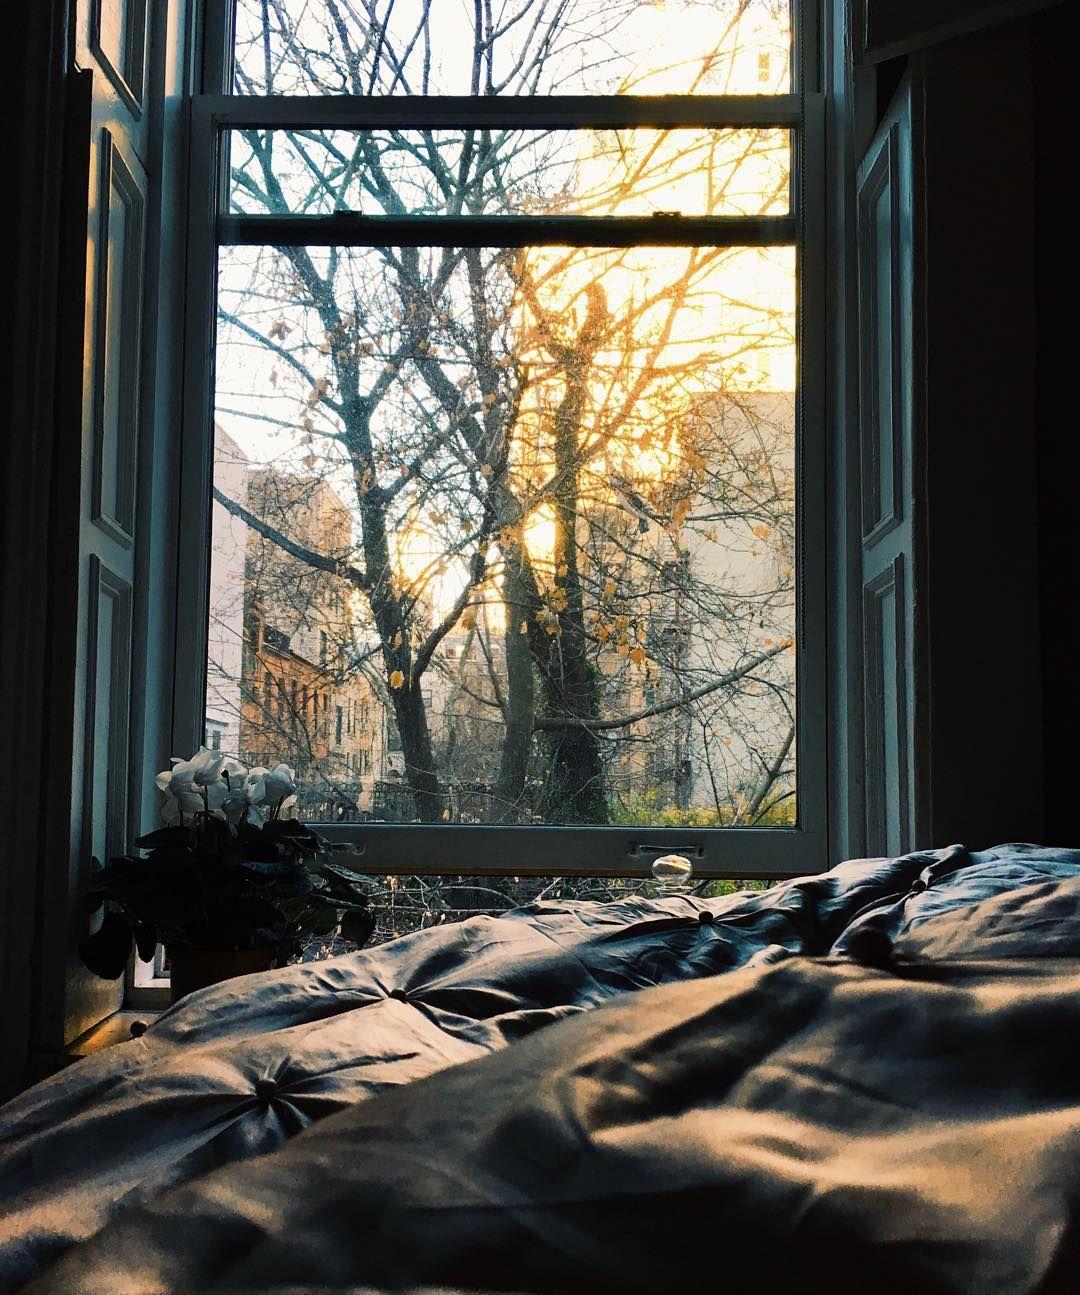 「Winter morning light ✨」